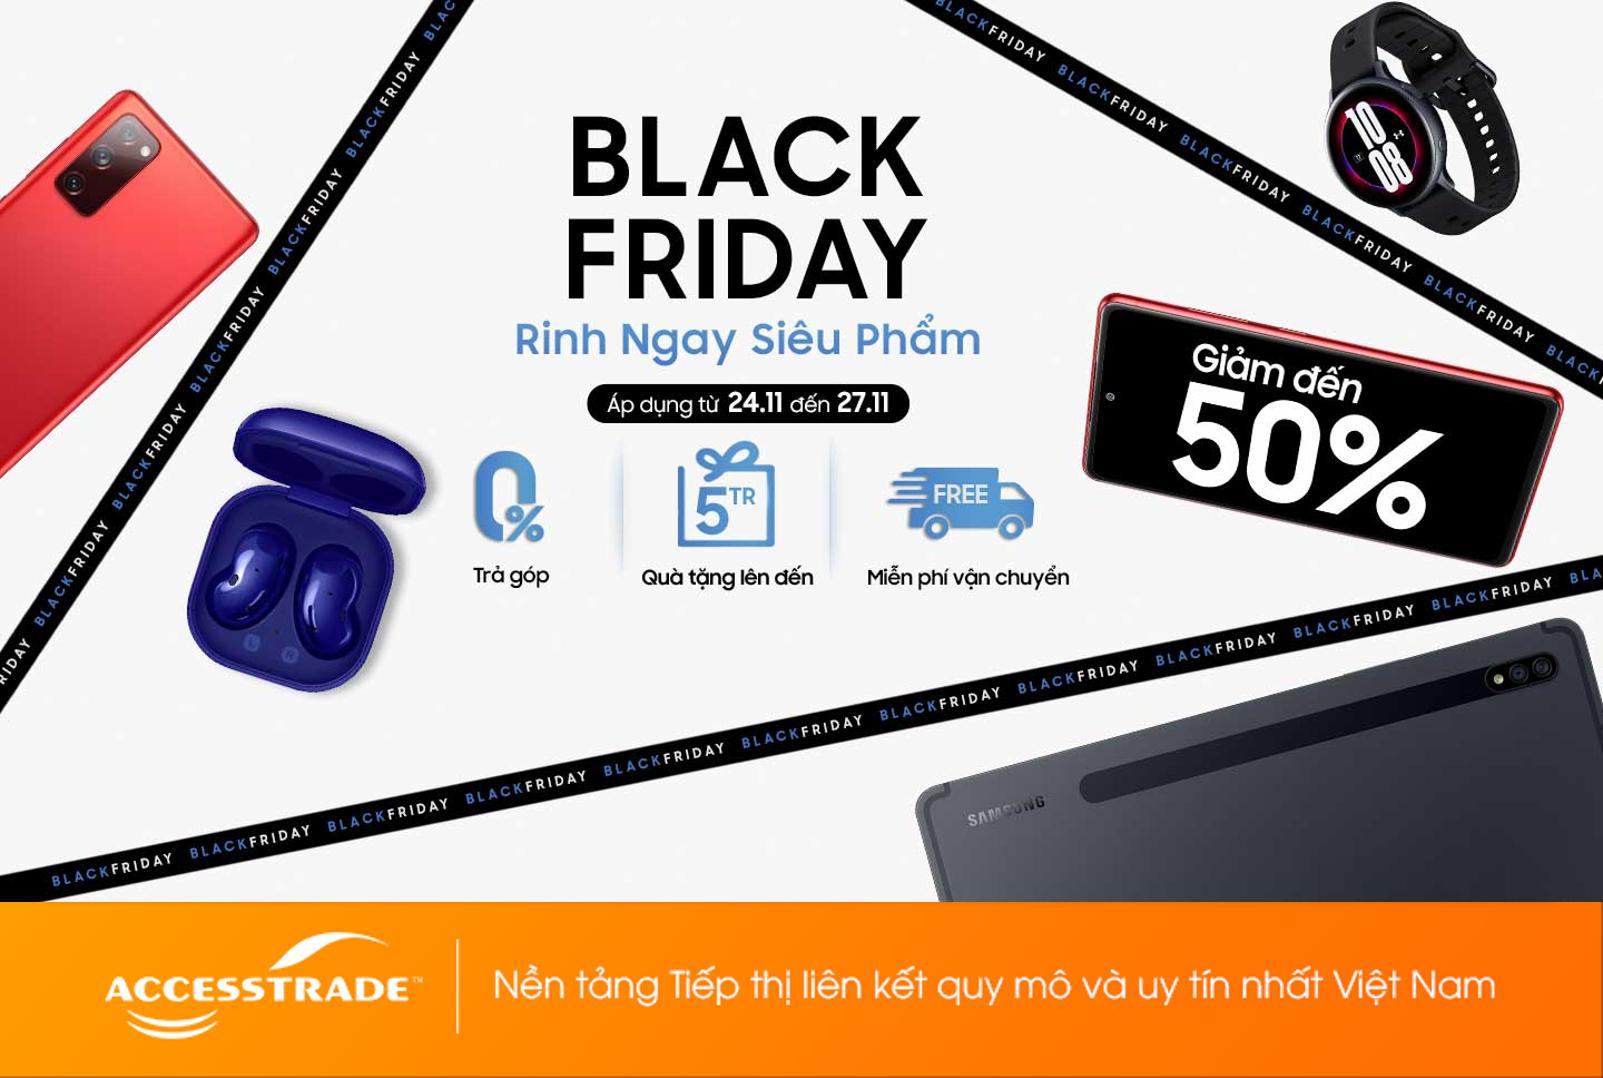 Black Friday - Giảm đến nửa giá mua sắm cực đã!